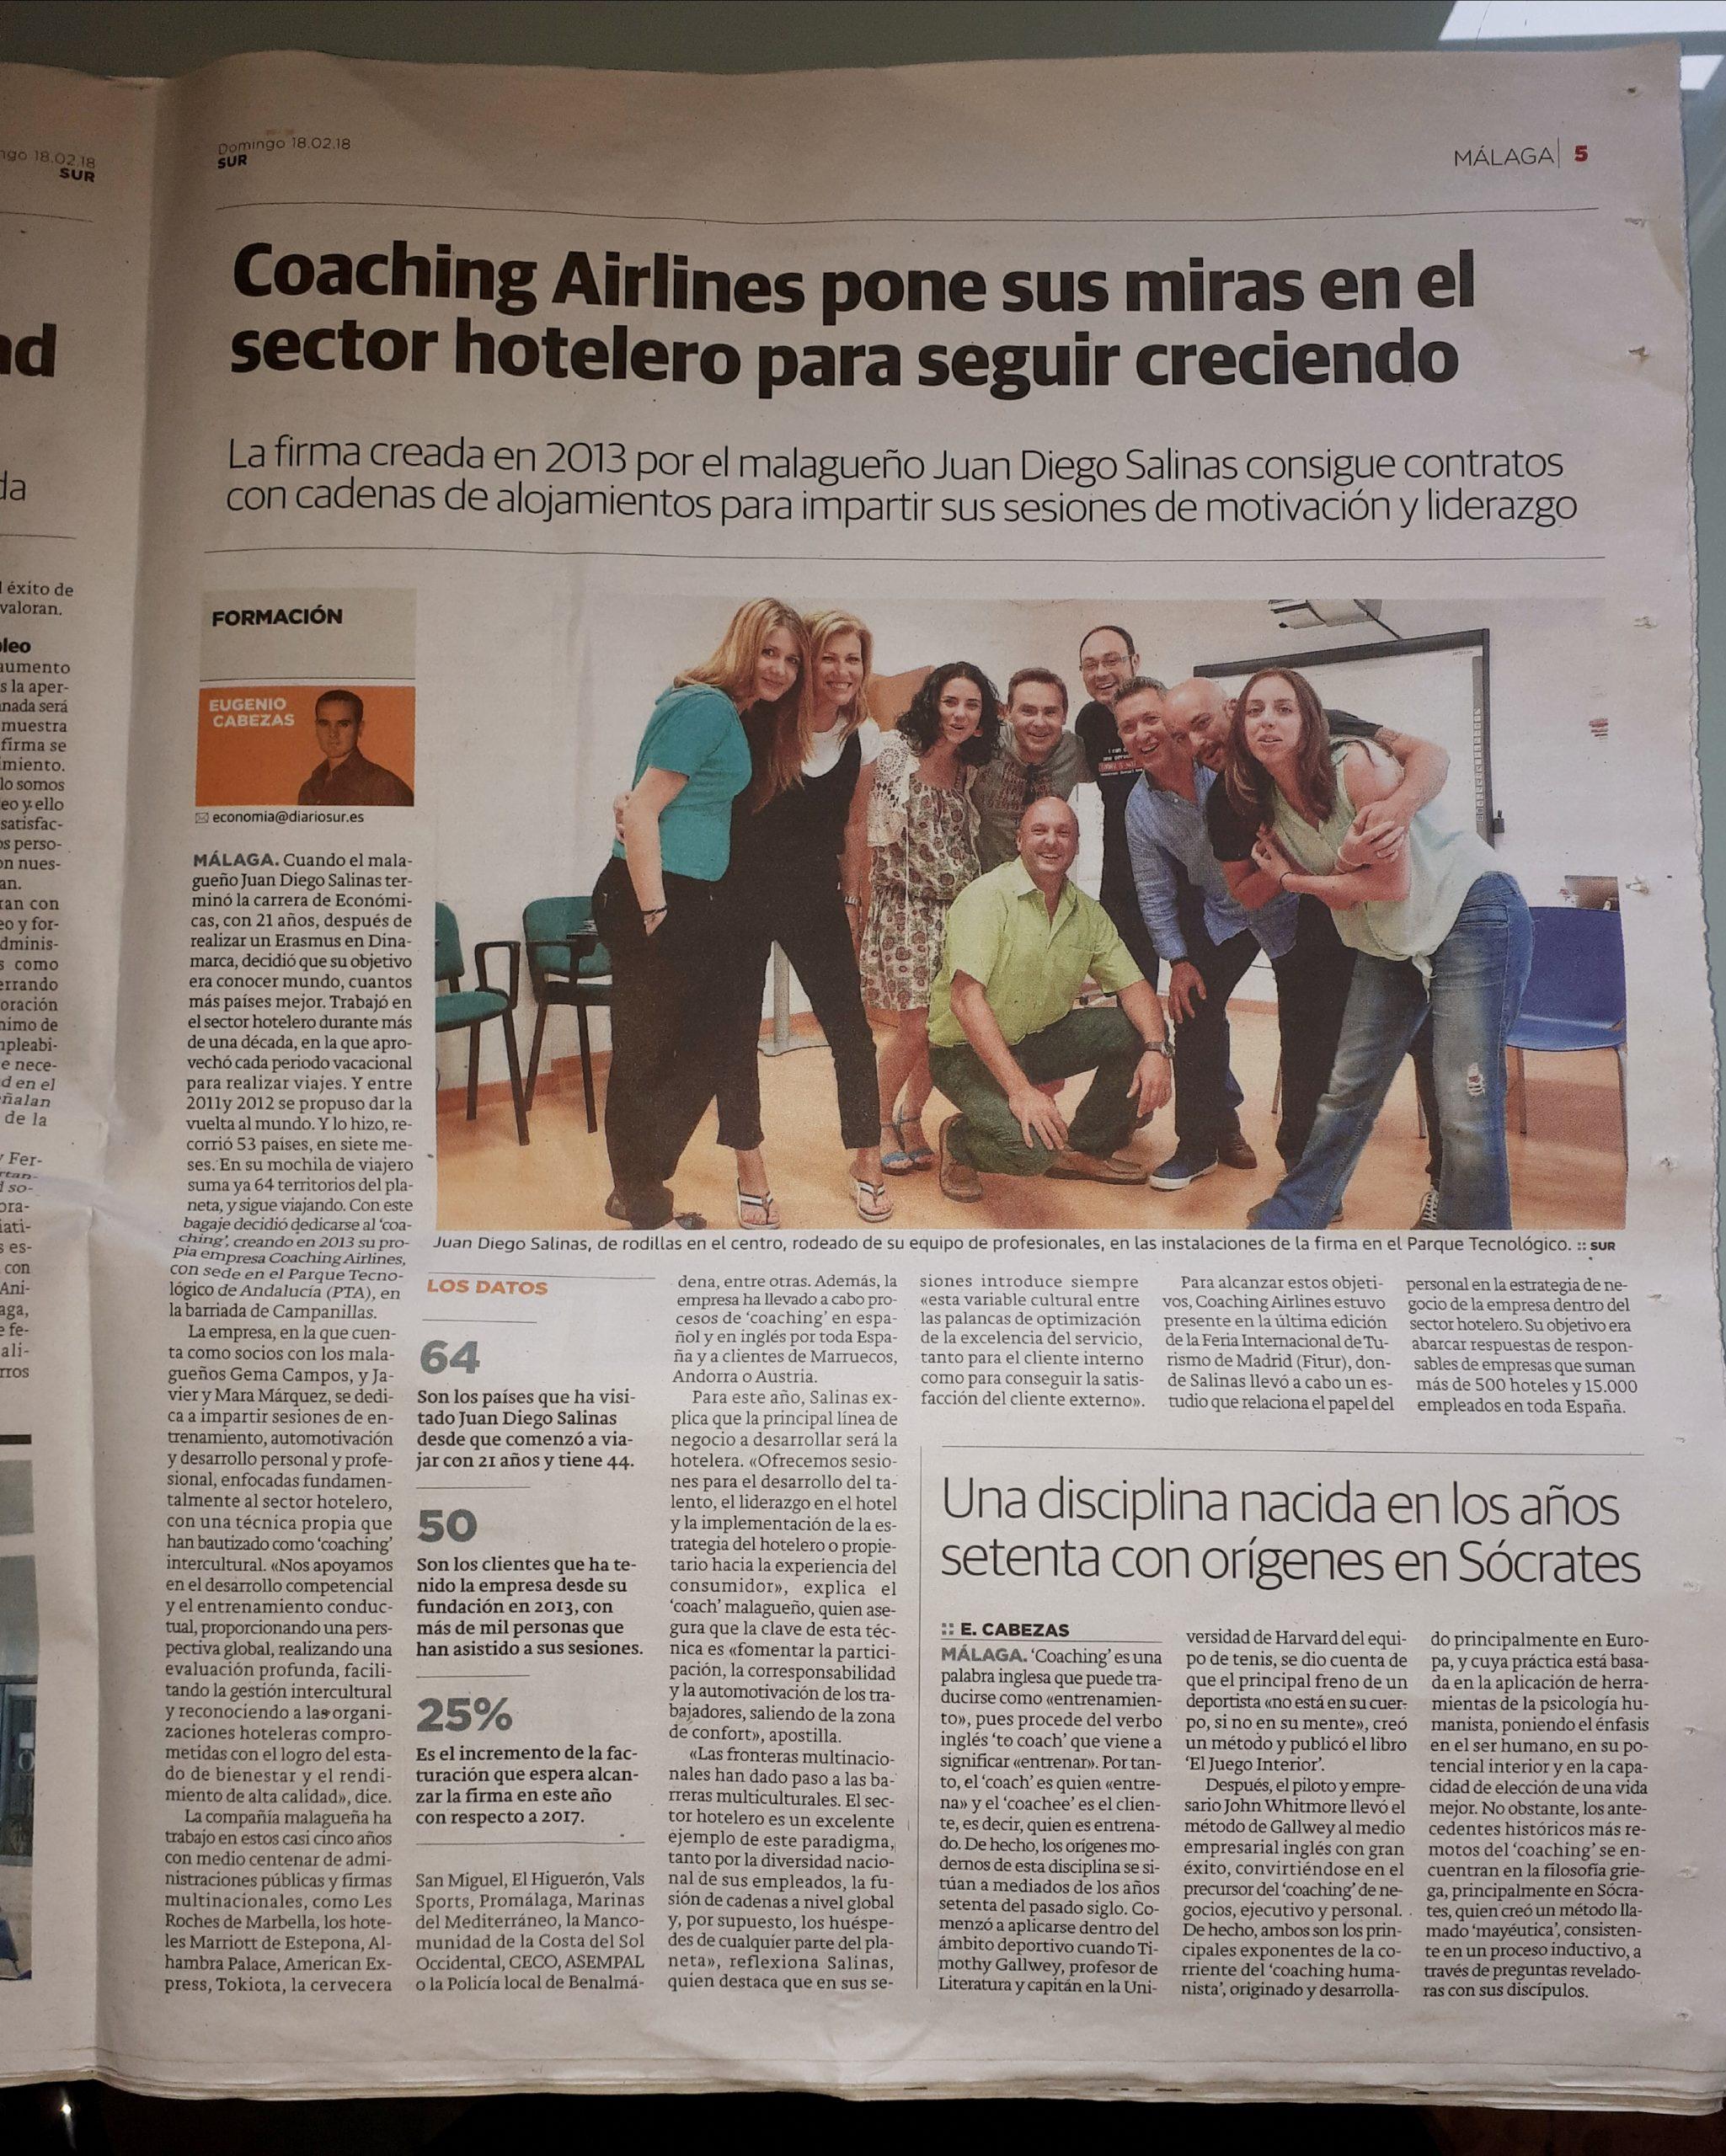 http://www.diariosur.es/economia/empresas-malaguenas/coaching-airlines-pone-20180219012549-ntvo.html